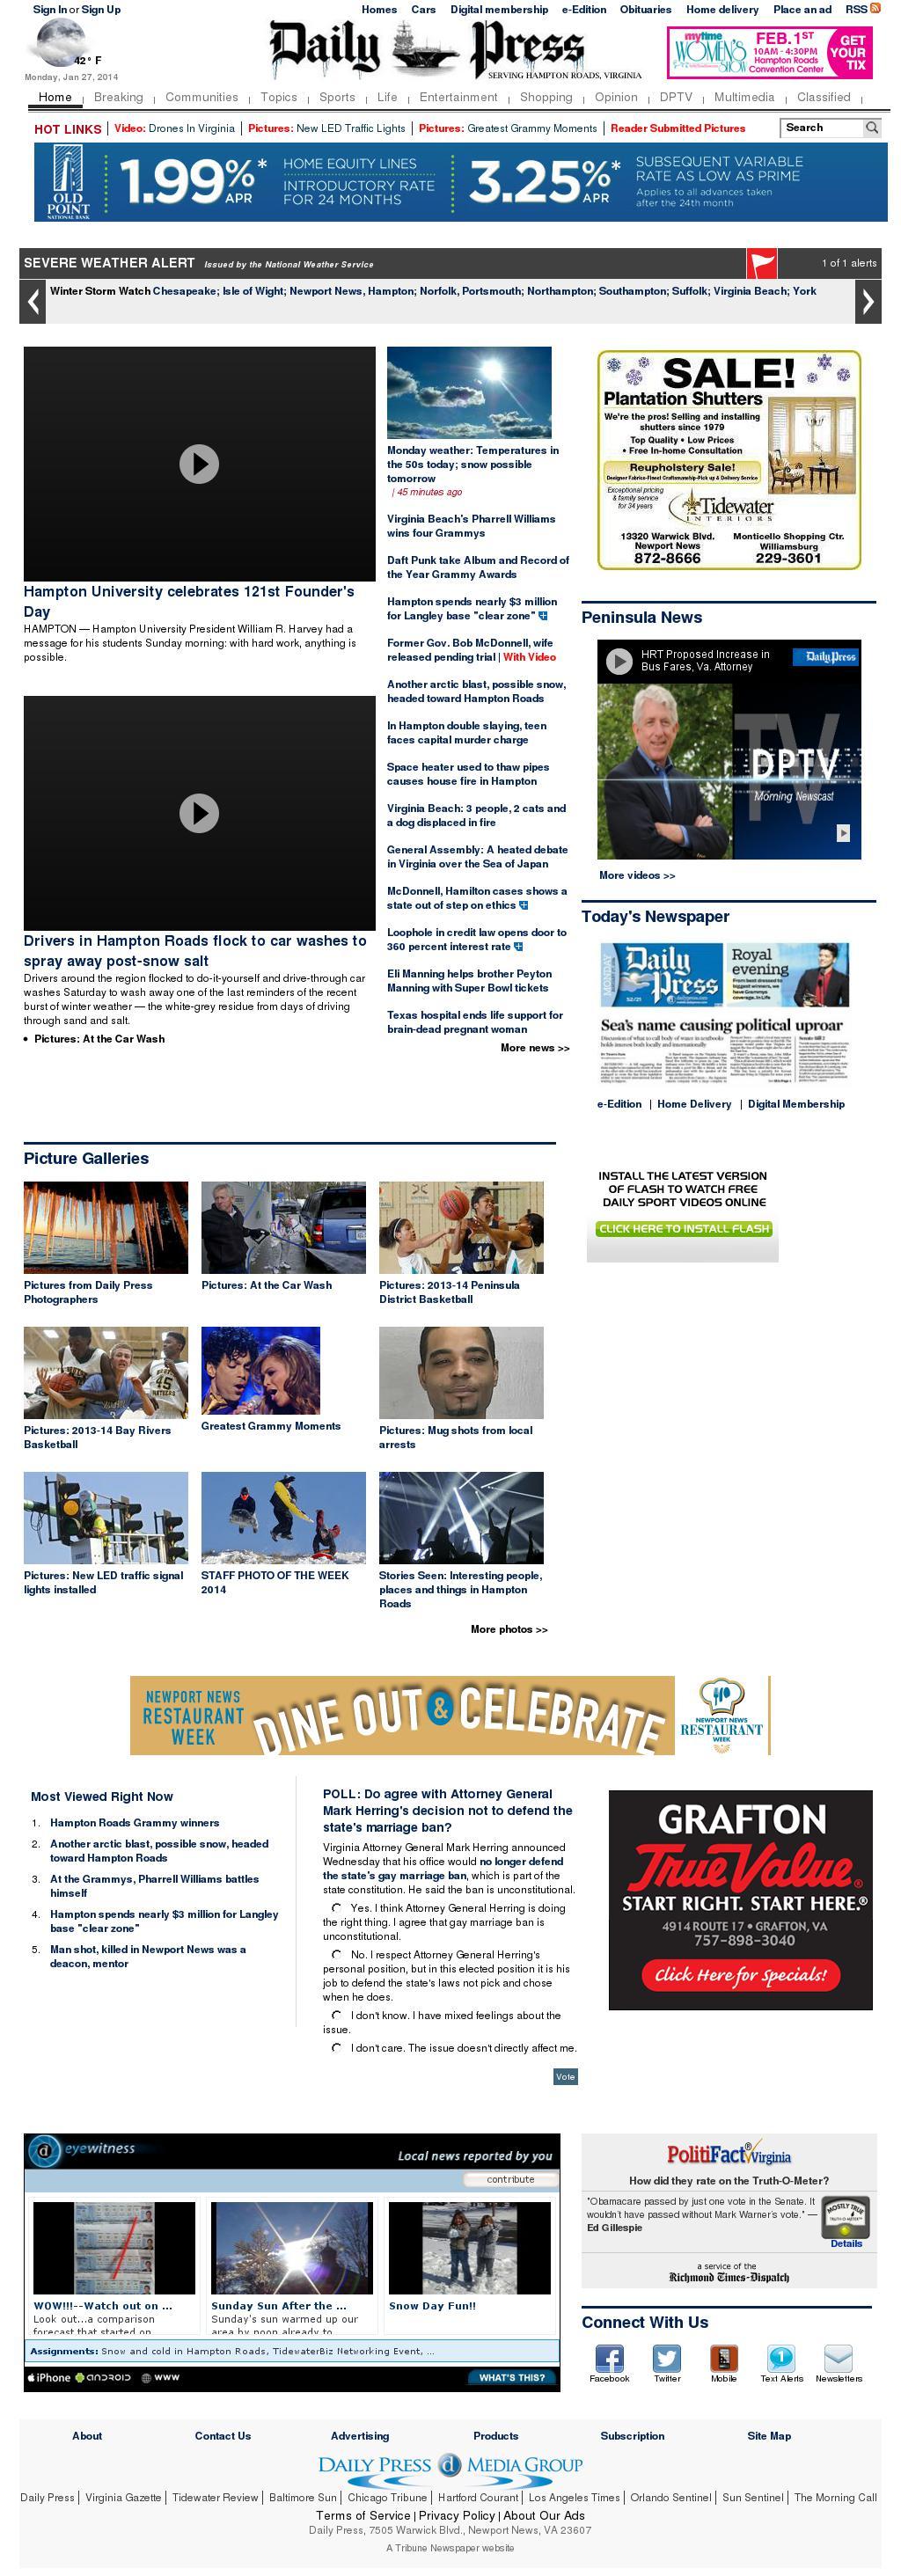 (Hampton Roads) Daily Press at Monday Jan. 27, 2014, 11:03 a.m. UTC